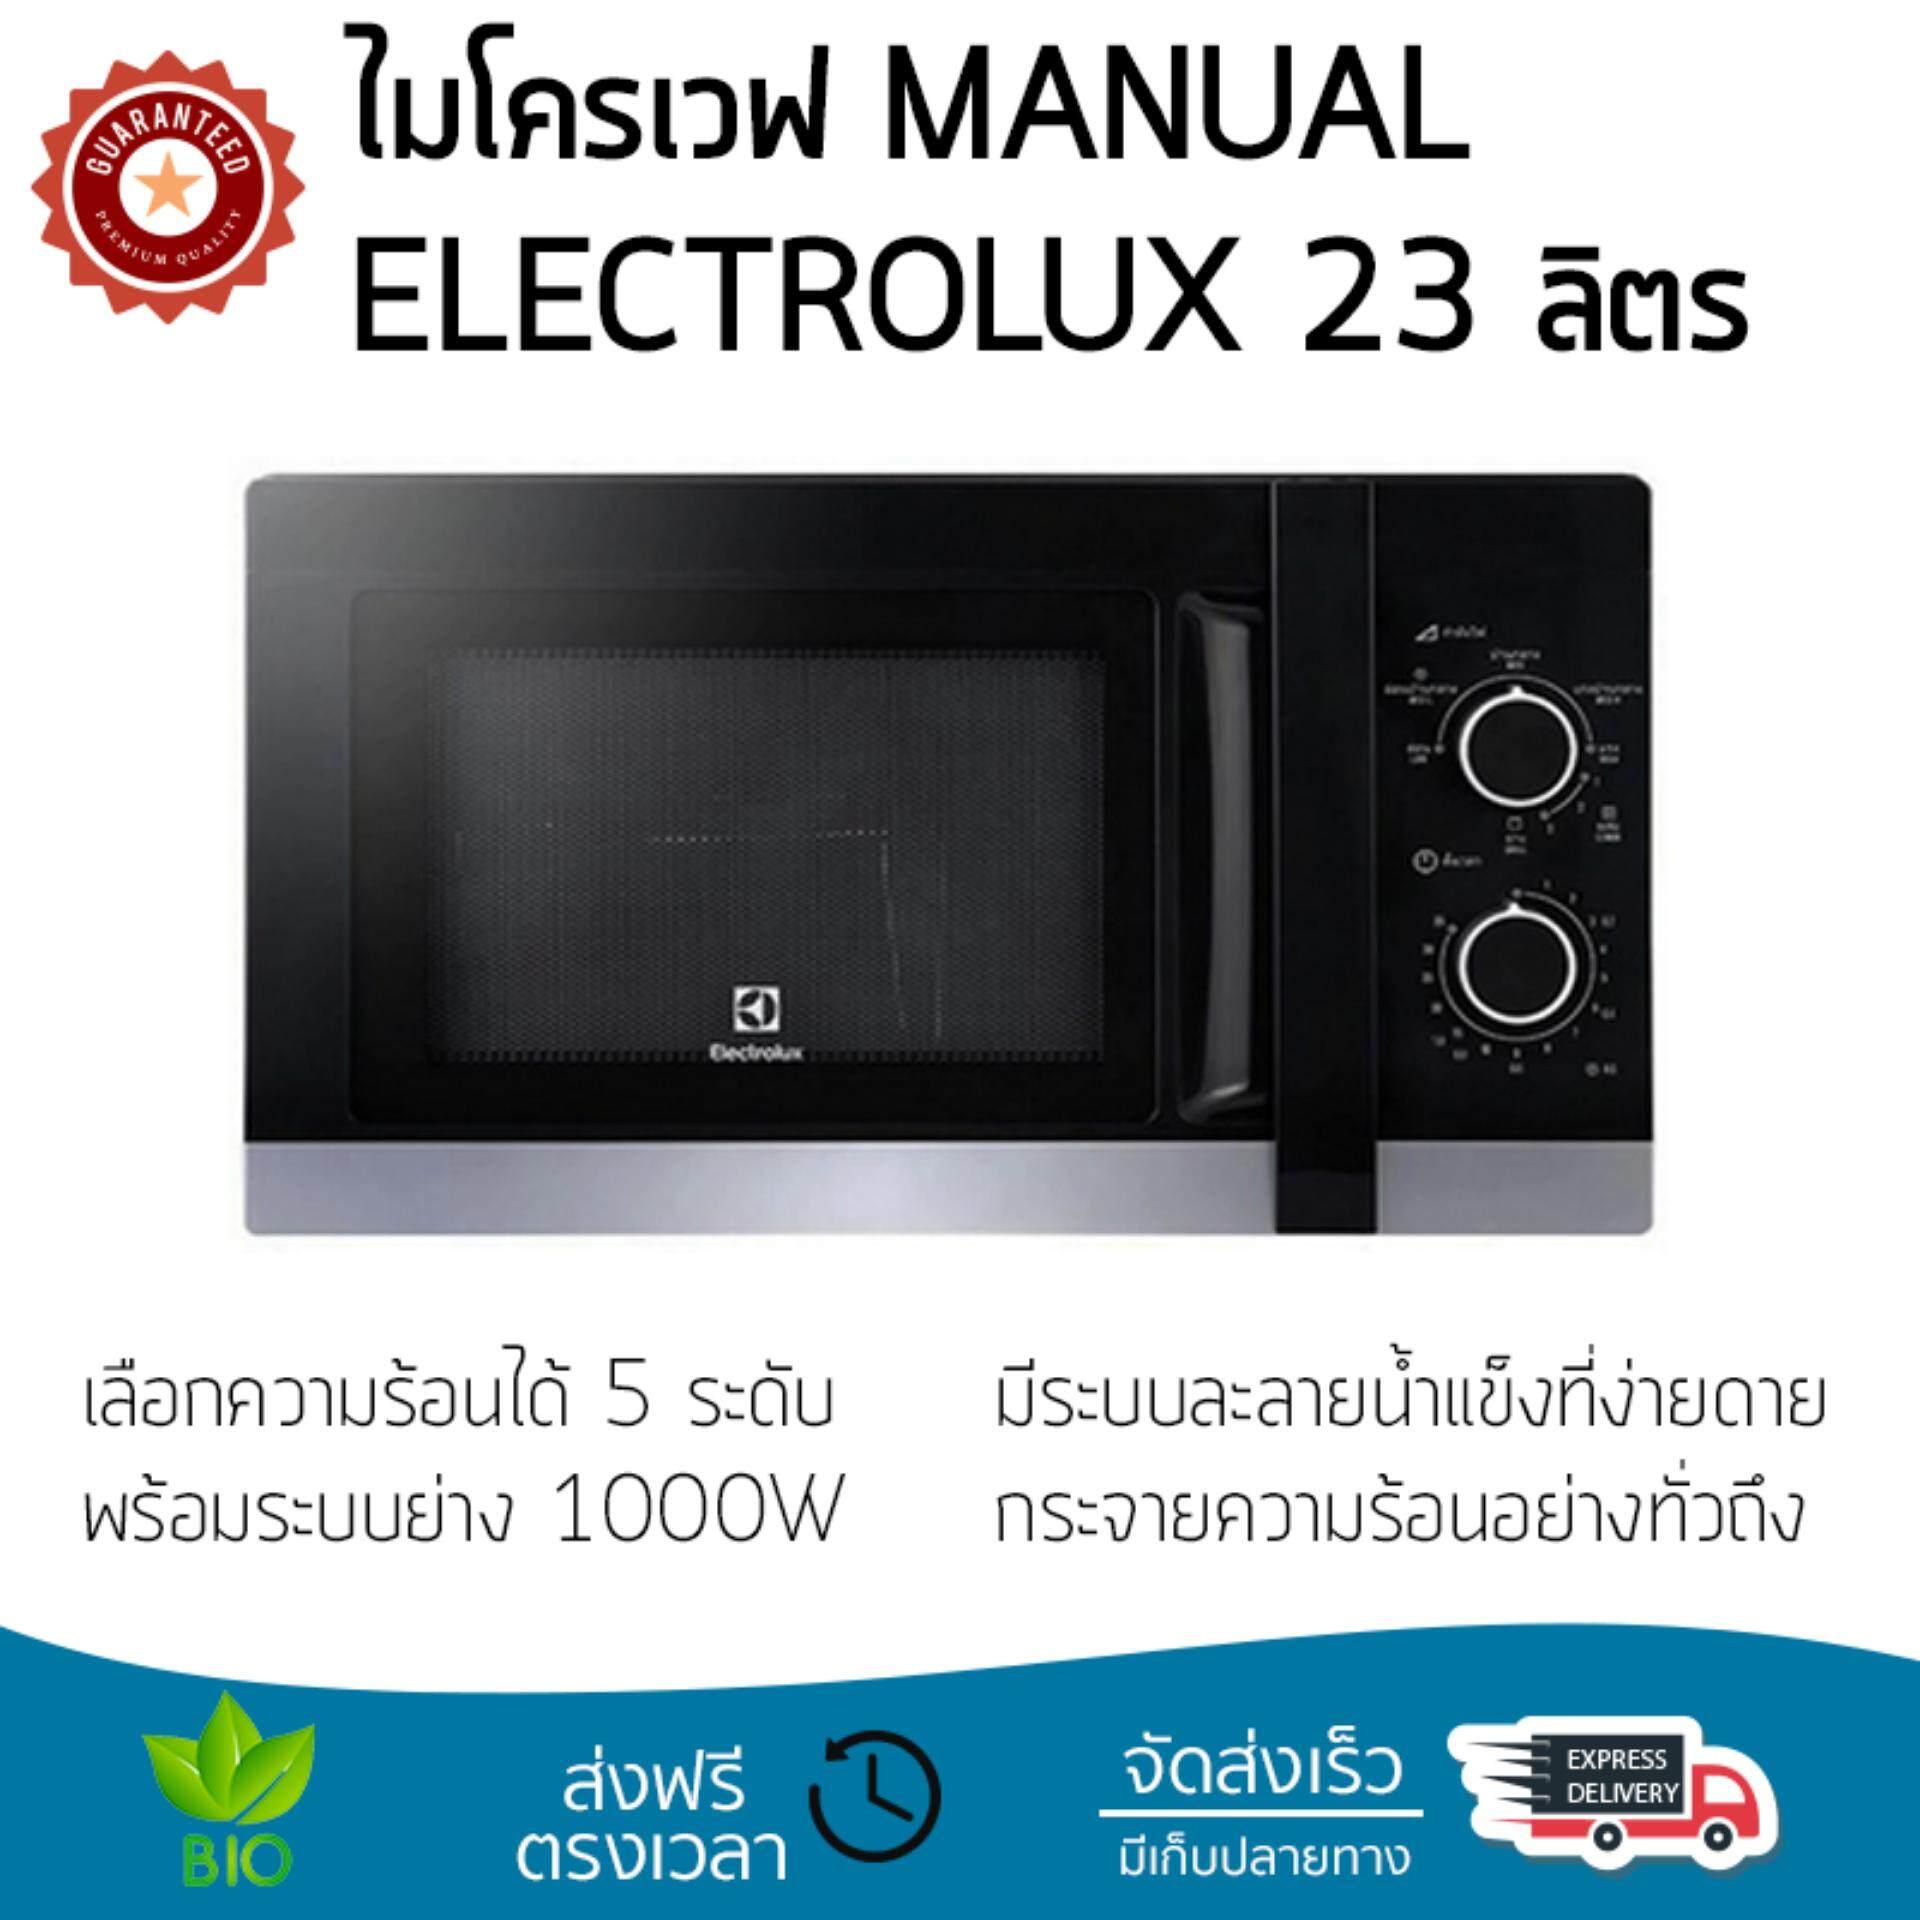 รุ่นใหม่ล่าสุด ไมโครเวฟ เตาอบไมโครเวฟ ไมโครเวฟMANUAL ELECTROLUX EMM2334GK 23 ลิตร | ELECTROLUX | EMM2334GK ปรับระดับความร้อนได้หลายระดับ มีฟังก์ชันละลายน้ำแข็ง ใช้งานง่าย Microwave จัดส่งฟรีทั่วประเทศ